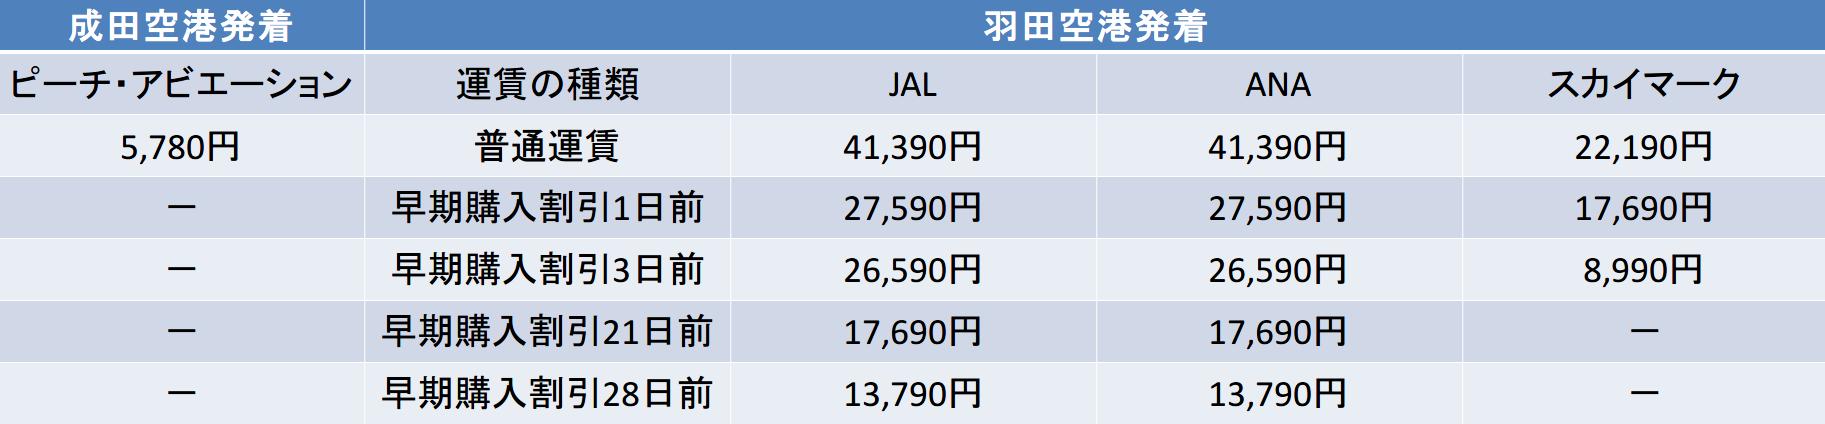 東京-福岡 JAL ANA スカイ ピーチ 料金